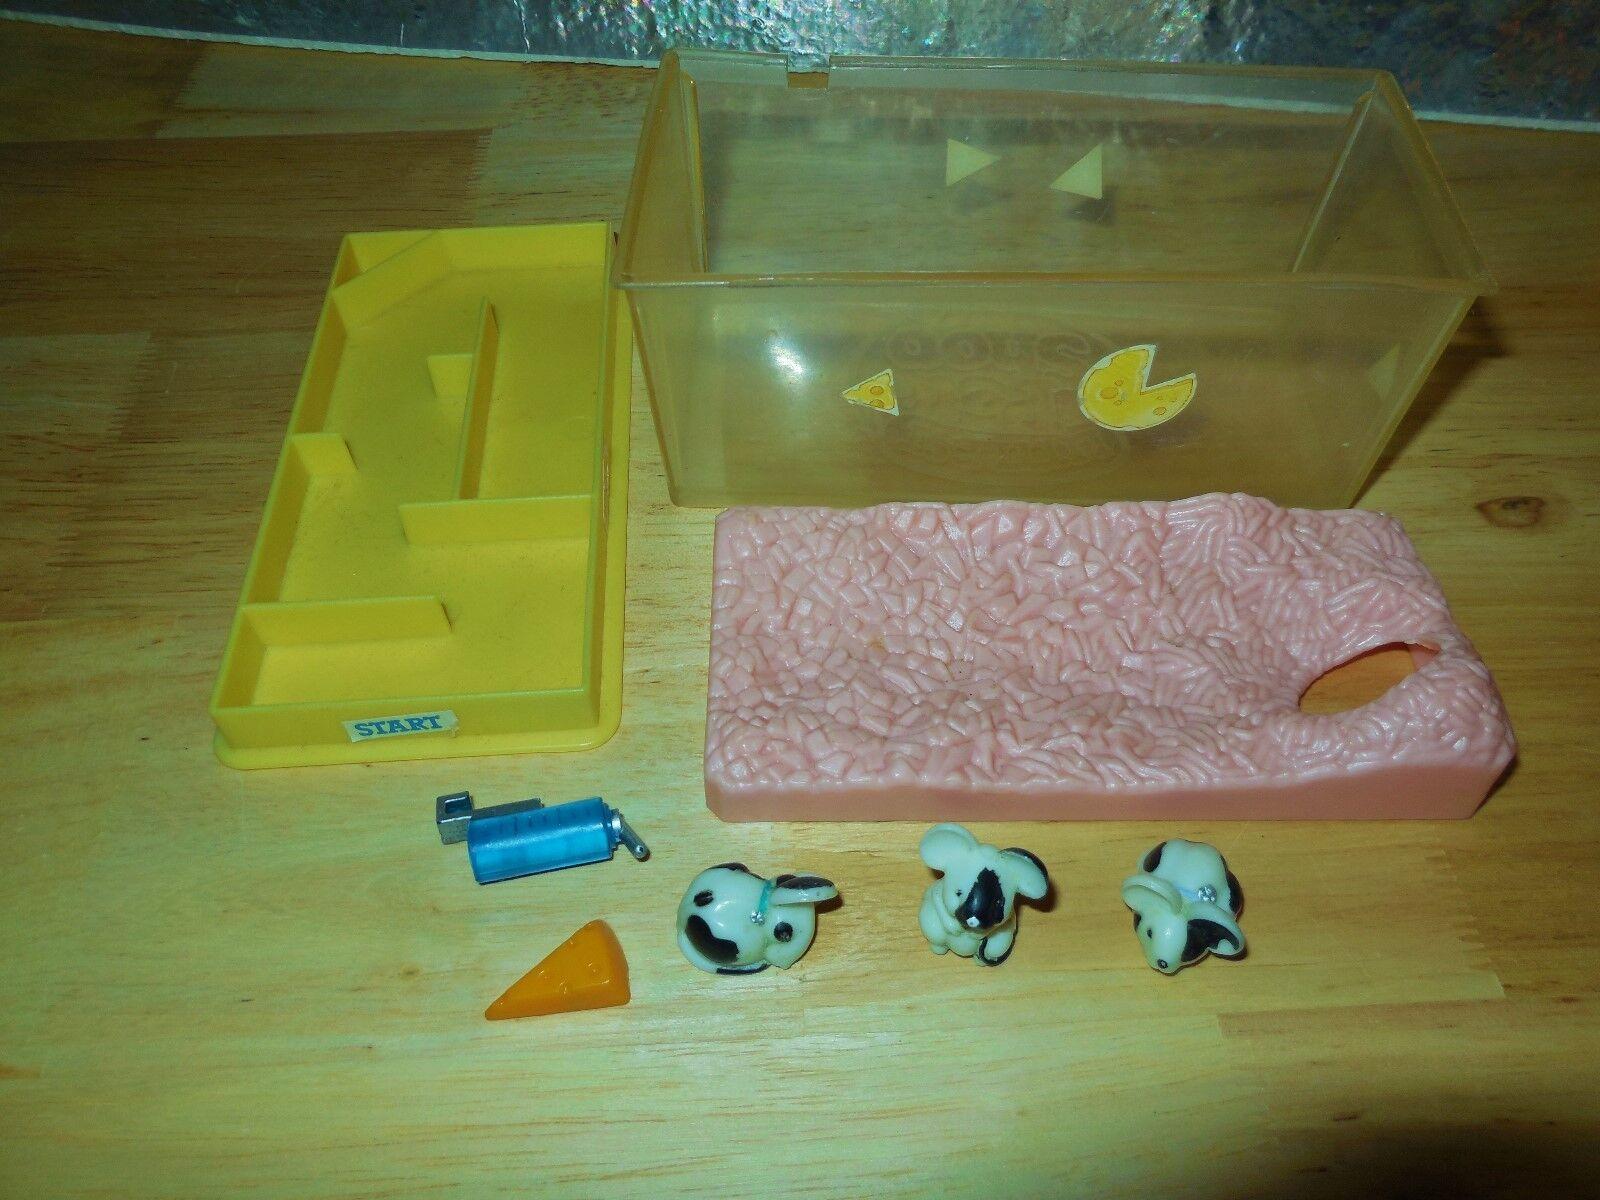 VINTAGE LITTLEST 1992 PET PRESENTS ANIMAL ITSY BITSY MICE MICE MICE CHEEZY MAZE SET LOT c2d971